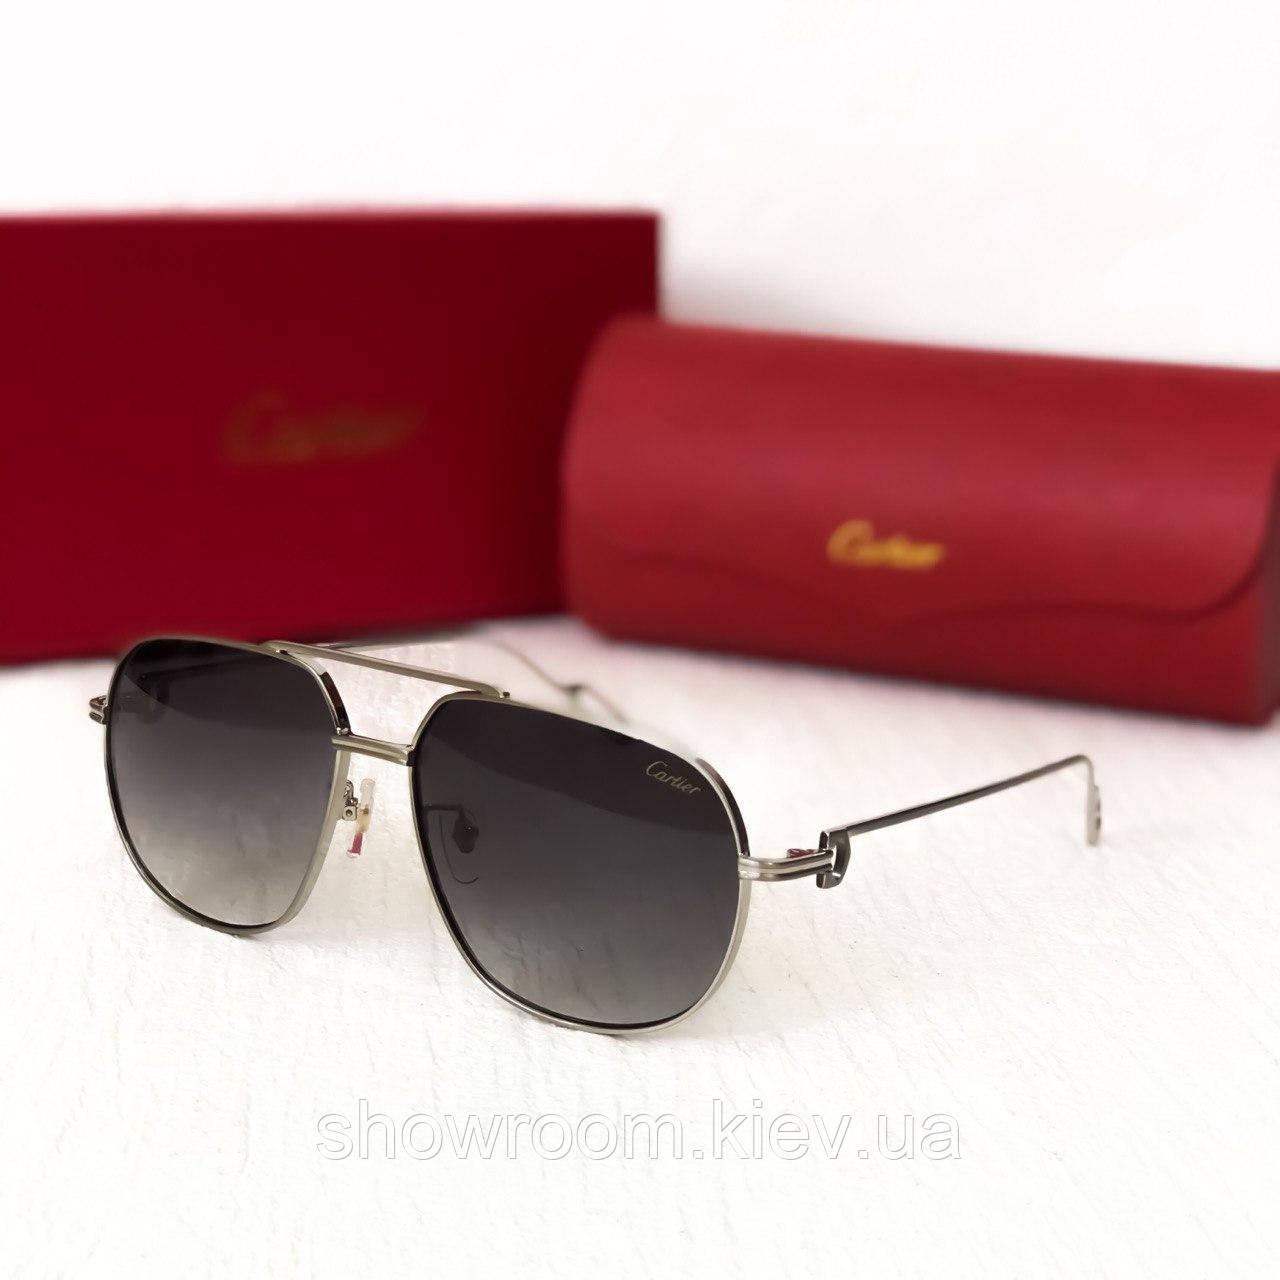 Мужские солнцезащитные очки в стиле Cartier (0111) Lux